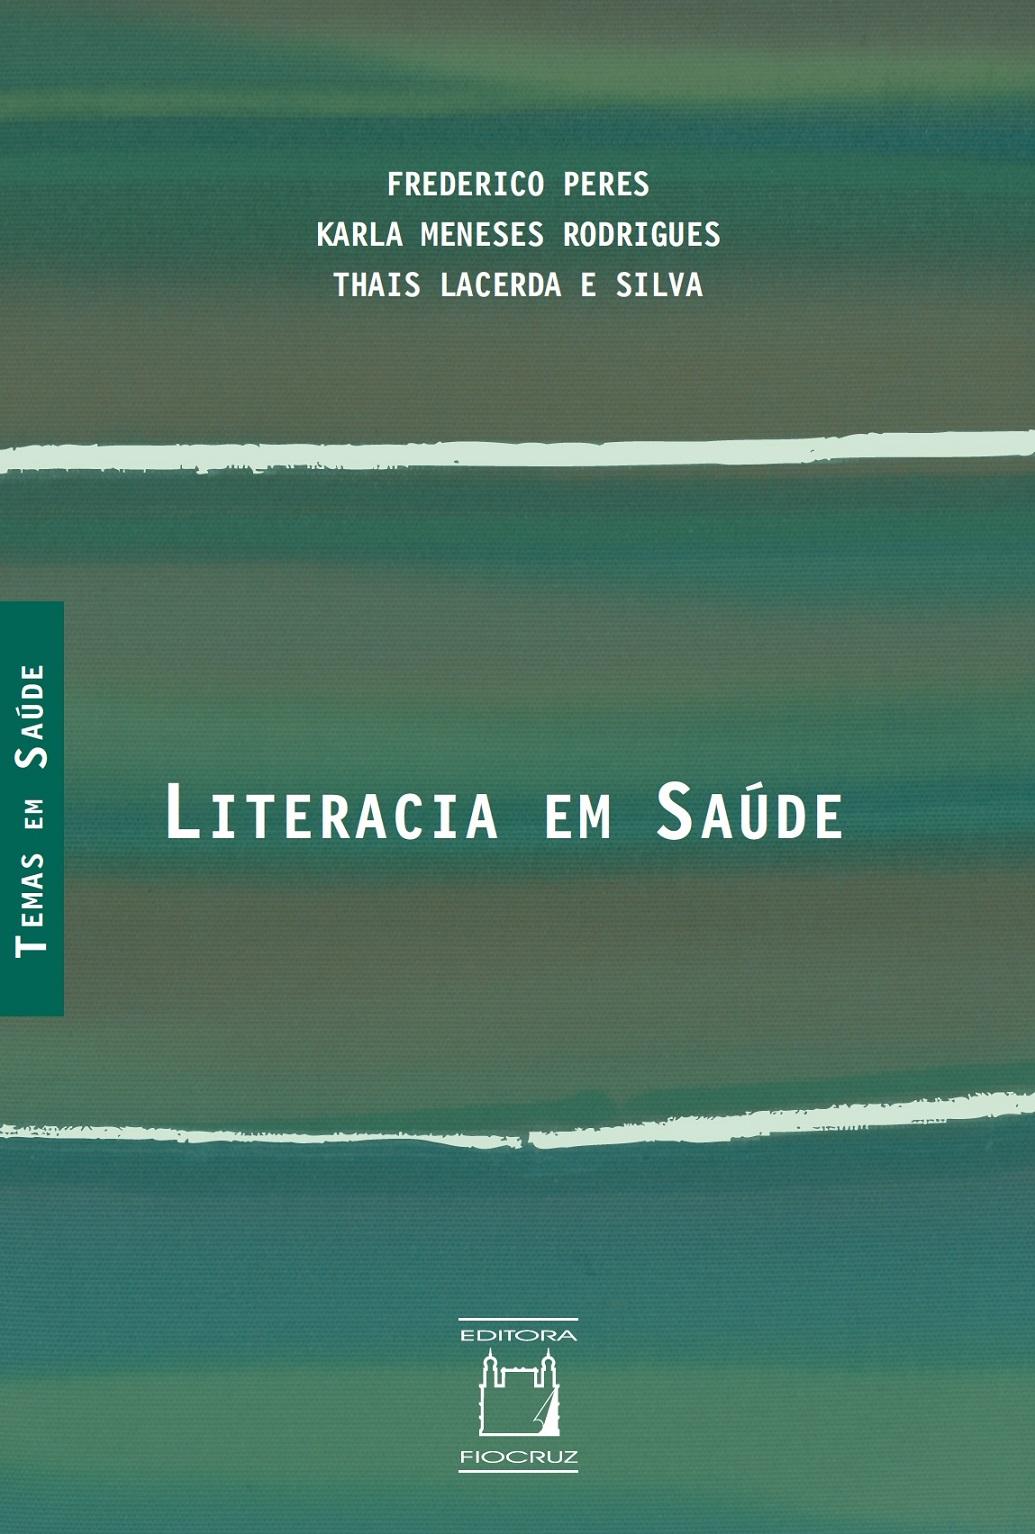 Literacia em Saúde  - Livraria Virtual da Editora Fiocruz